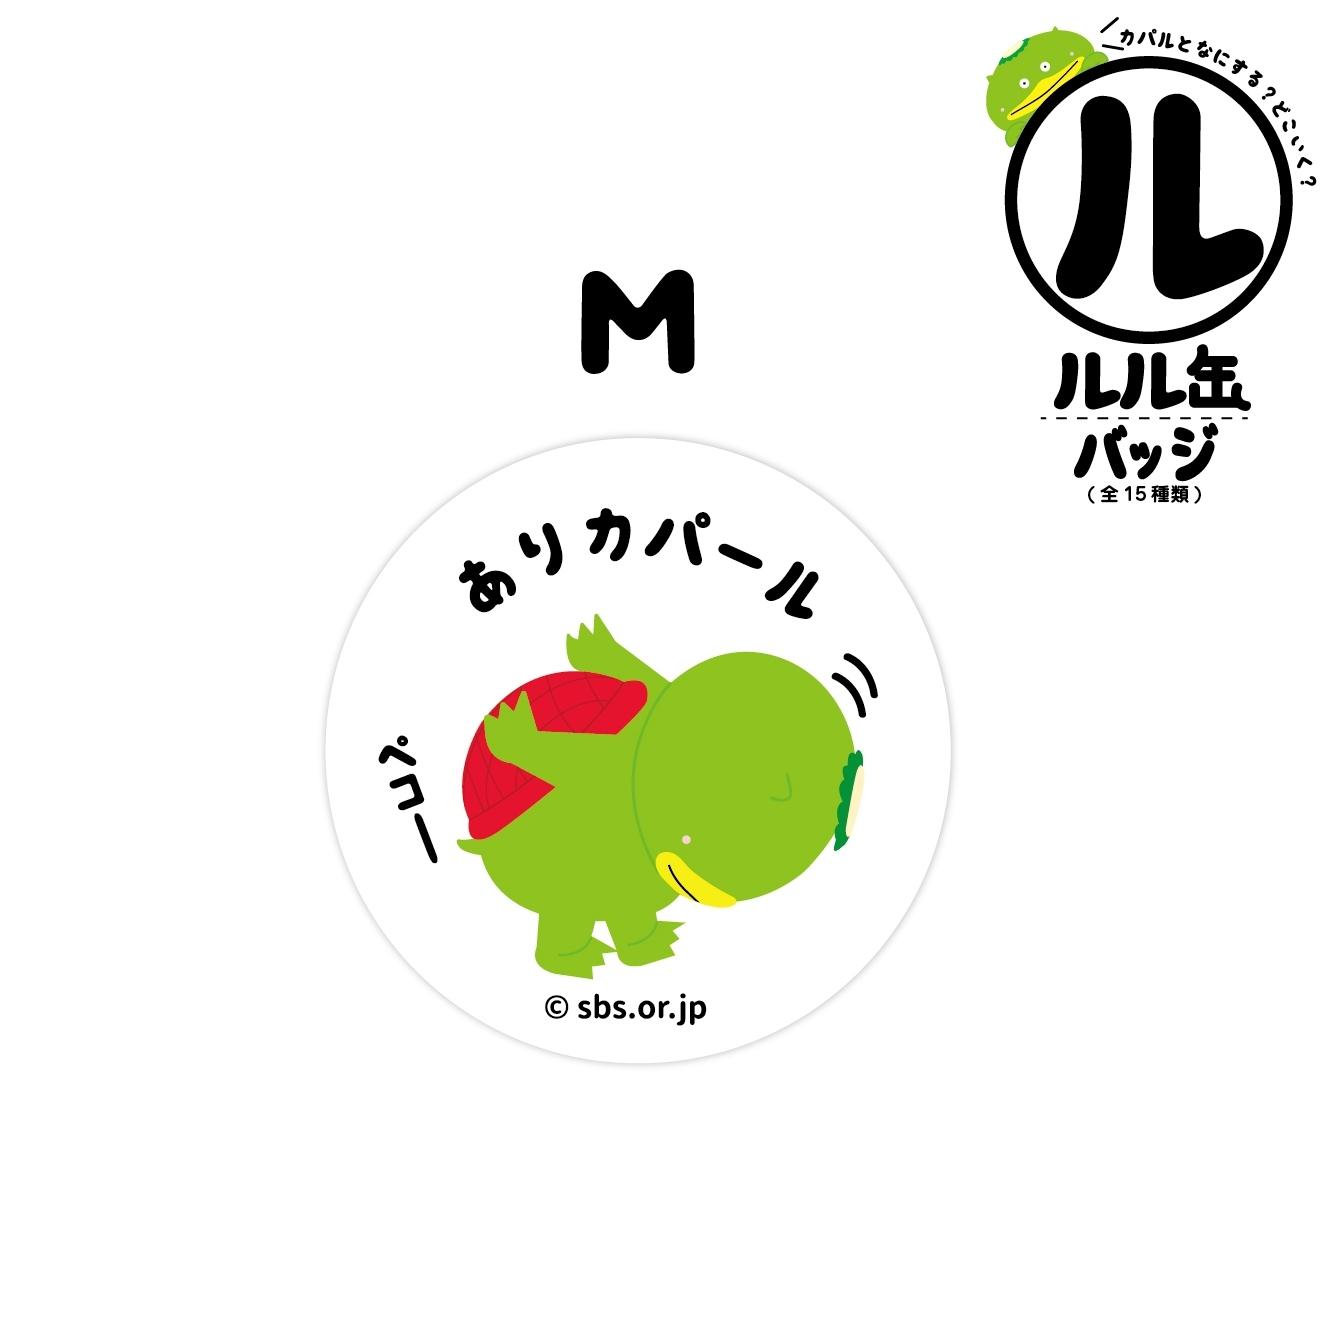 ルル缶バッジ M ありカパール